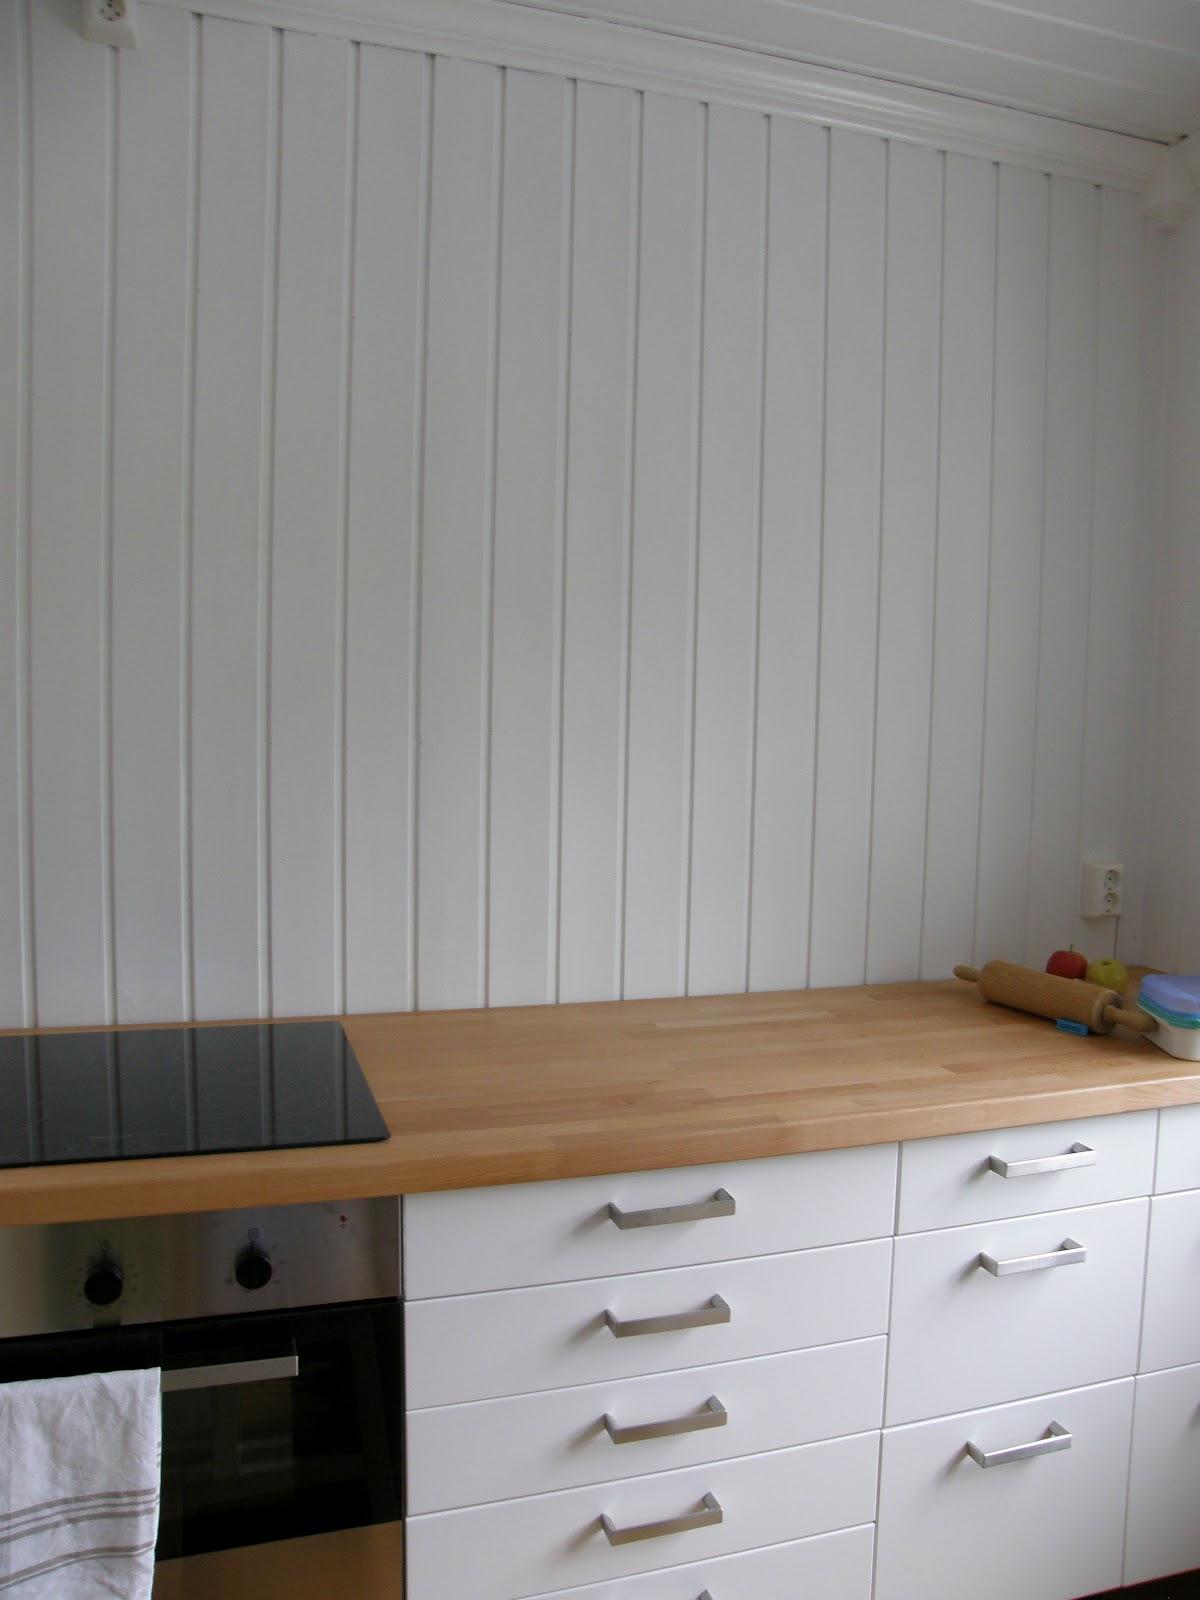 Et hageprosjekt: Snart nytt kjøkken!